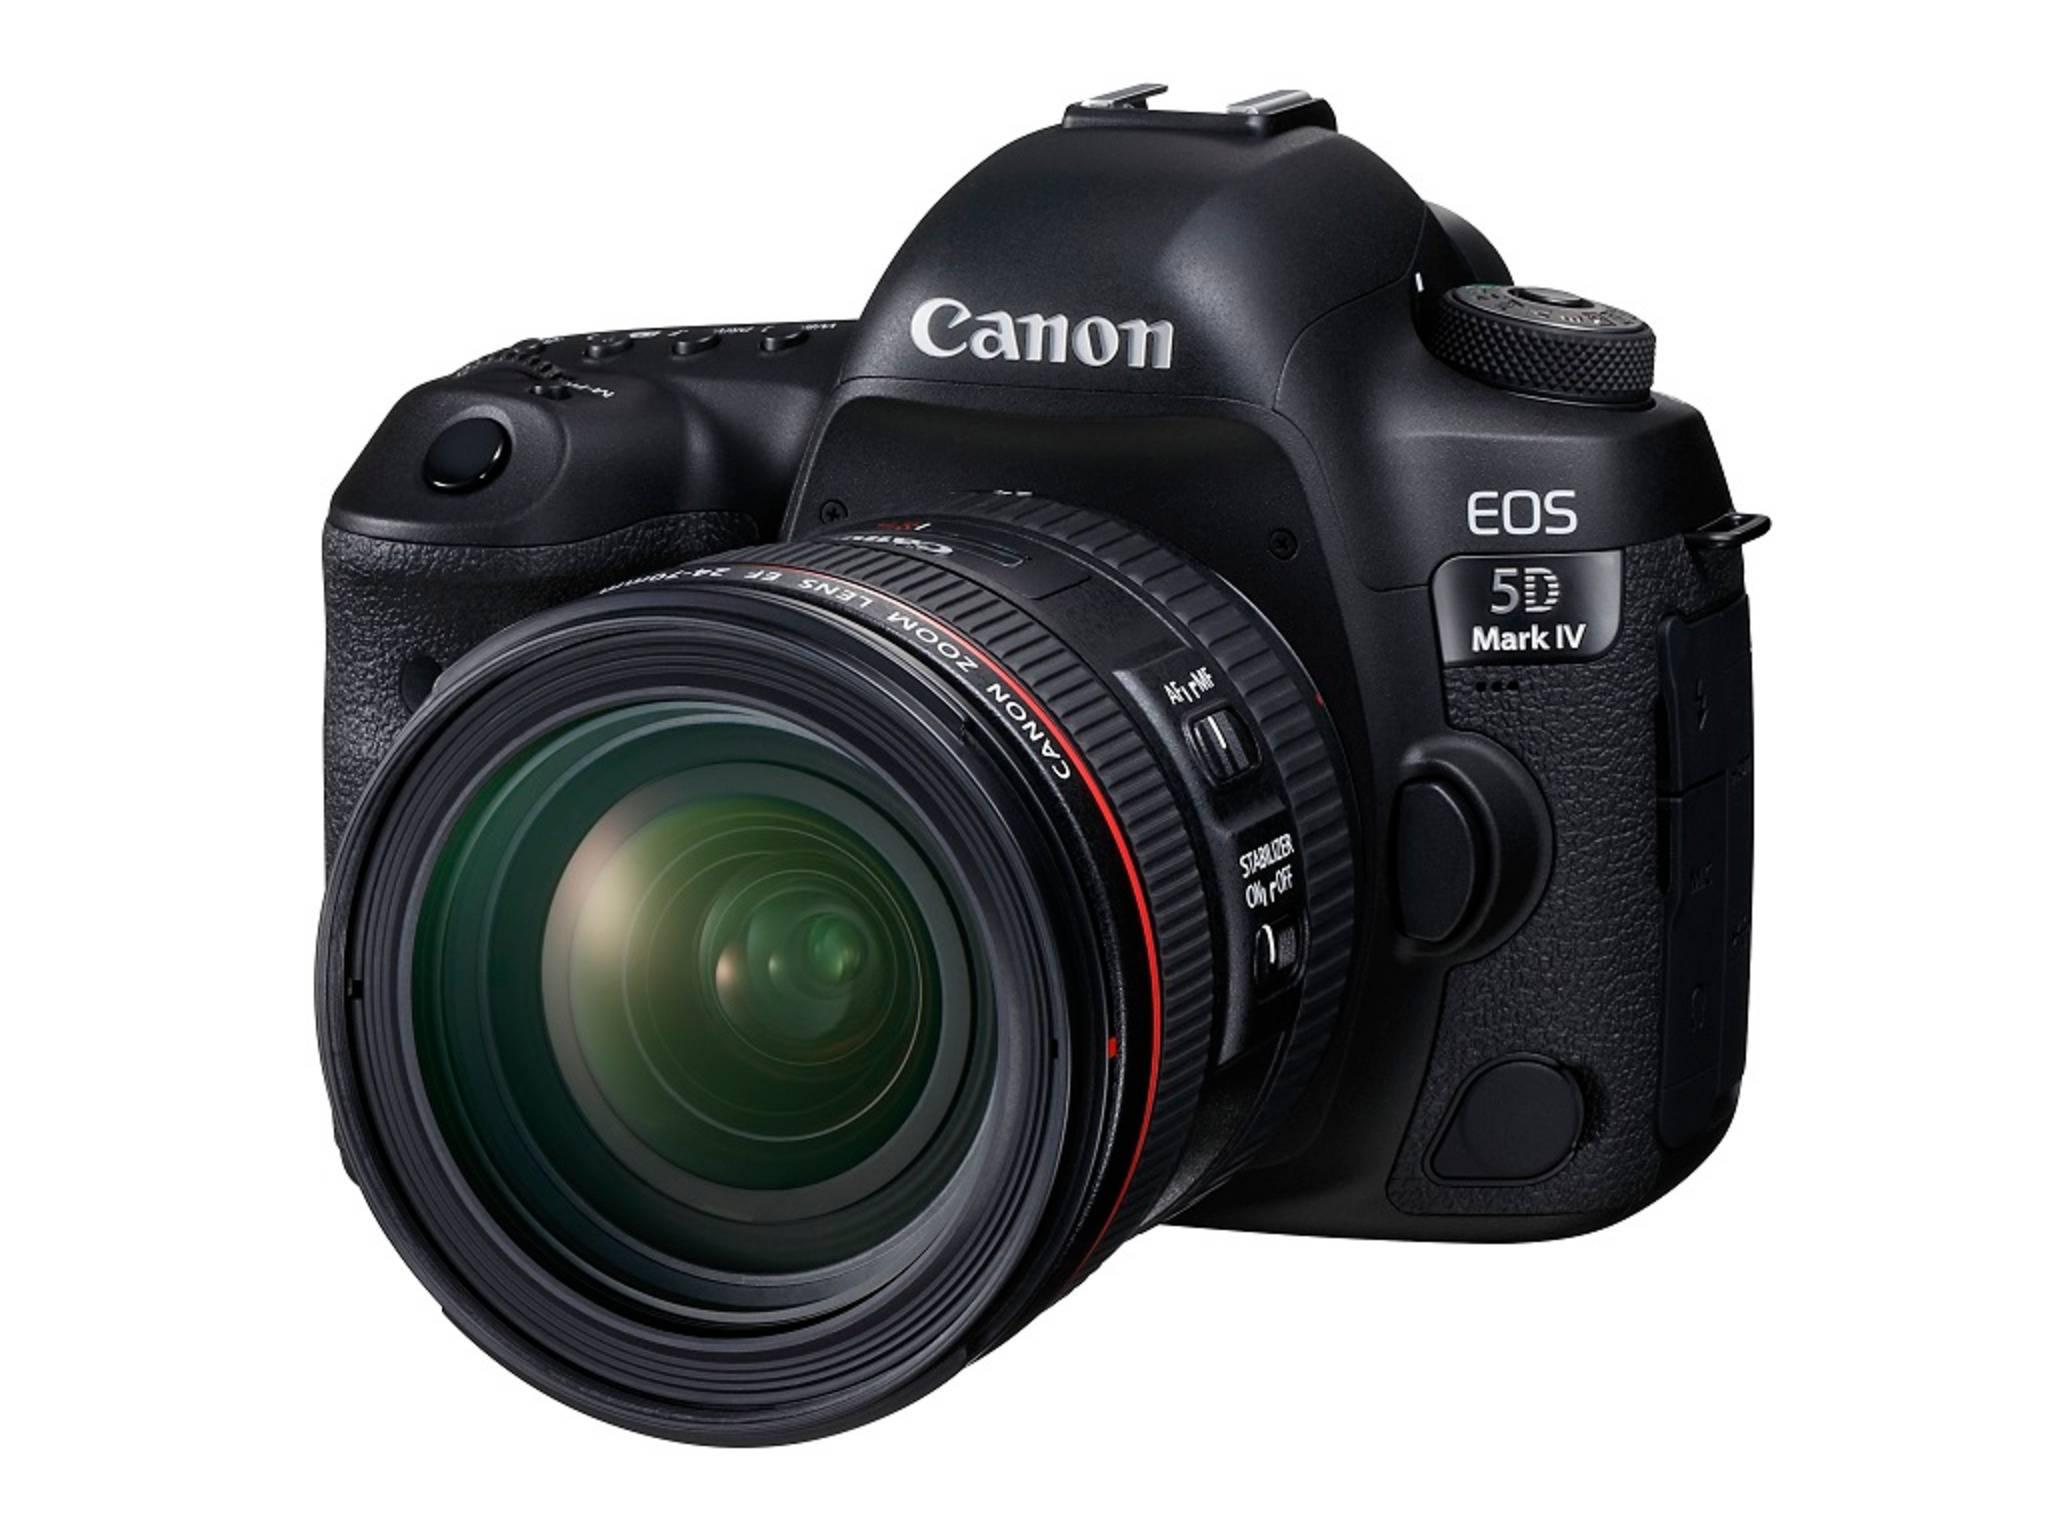 Die Canon EOS 5D Mark IV legt bei den Features ordentlich zu – aber auch beim Preis.